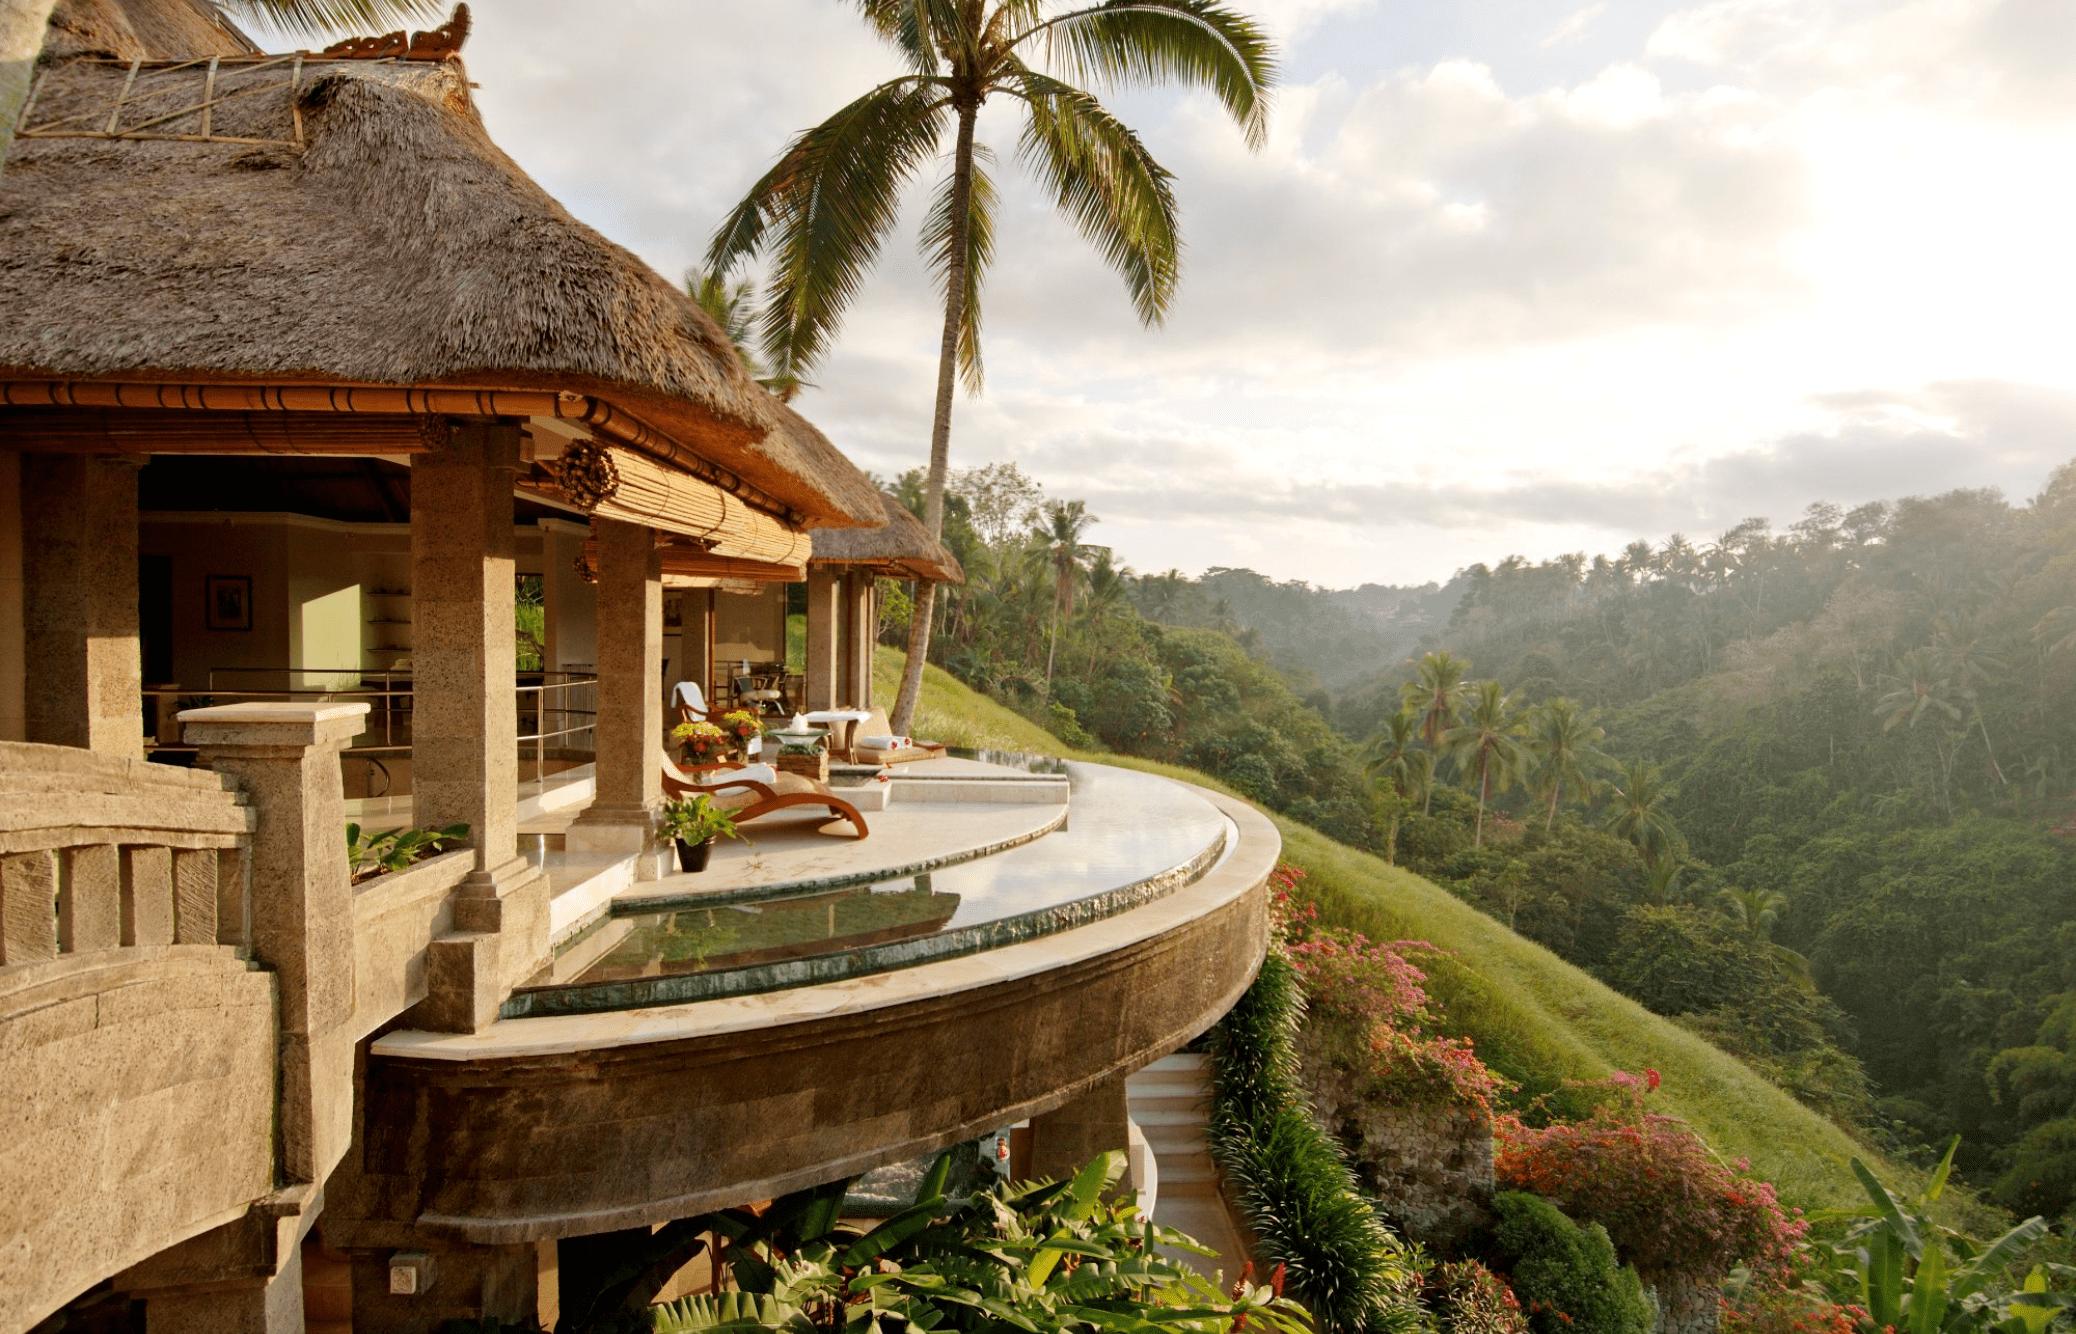 The 8 Best Bali Honeymoon Resorts Of 2020